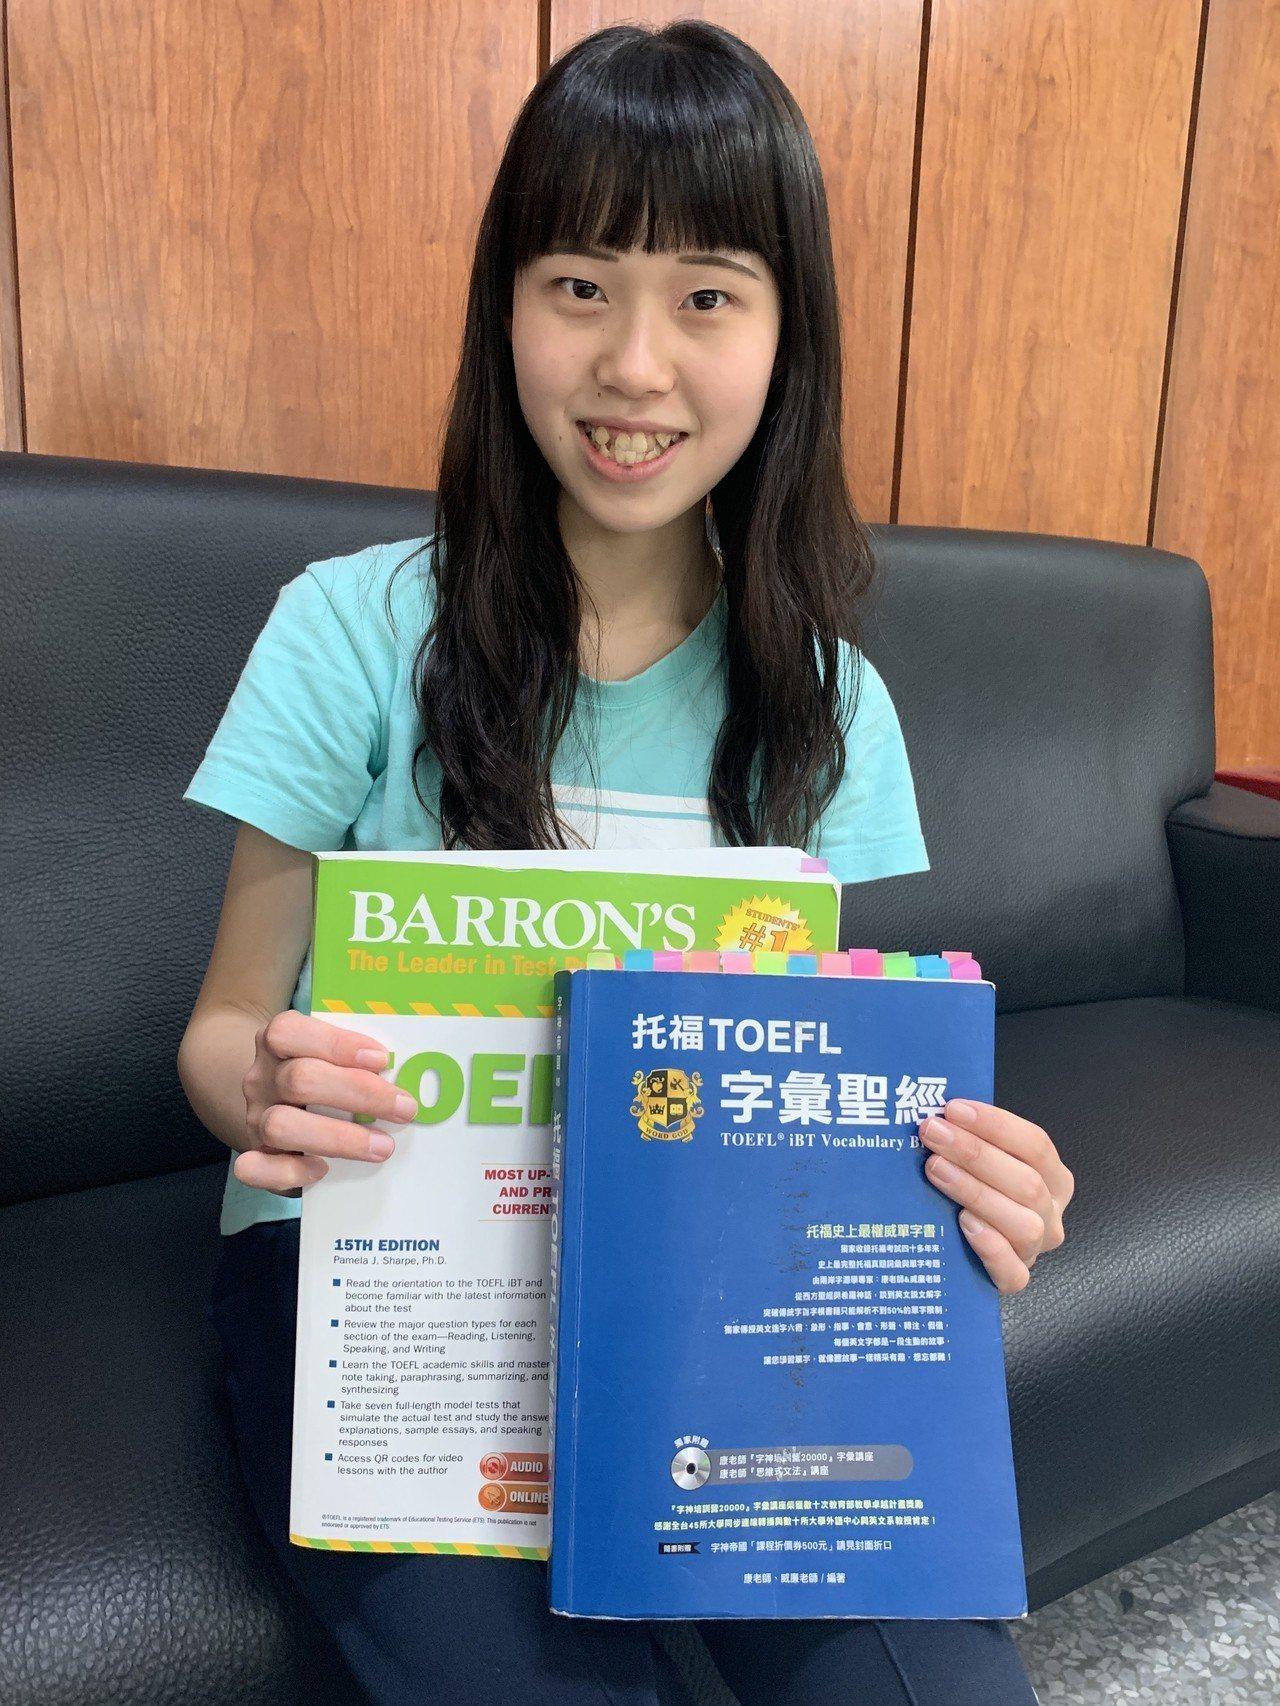 忠明高中陳彥蓉,從幼稚園就愛A、B、C全力學習英文,每月花費近3萬元學習聽說讀寫...